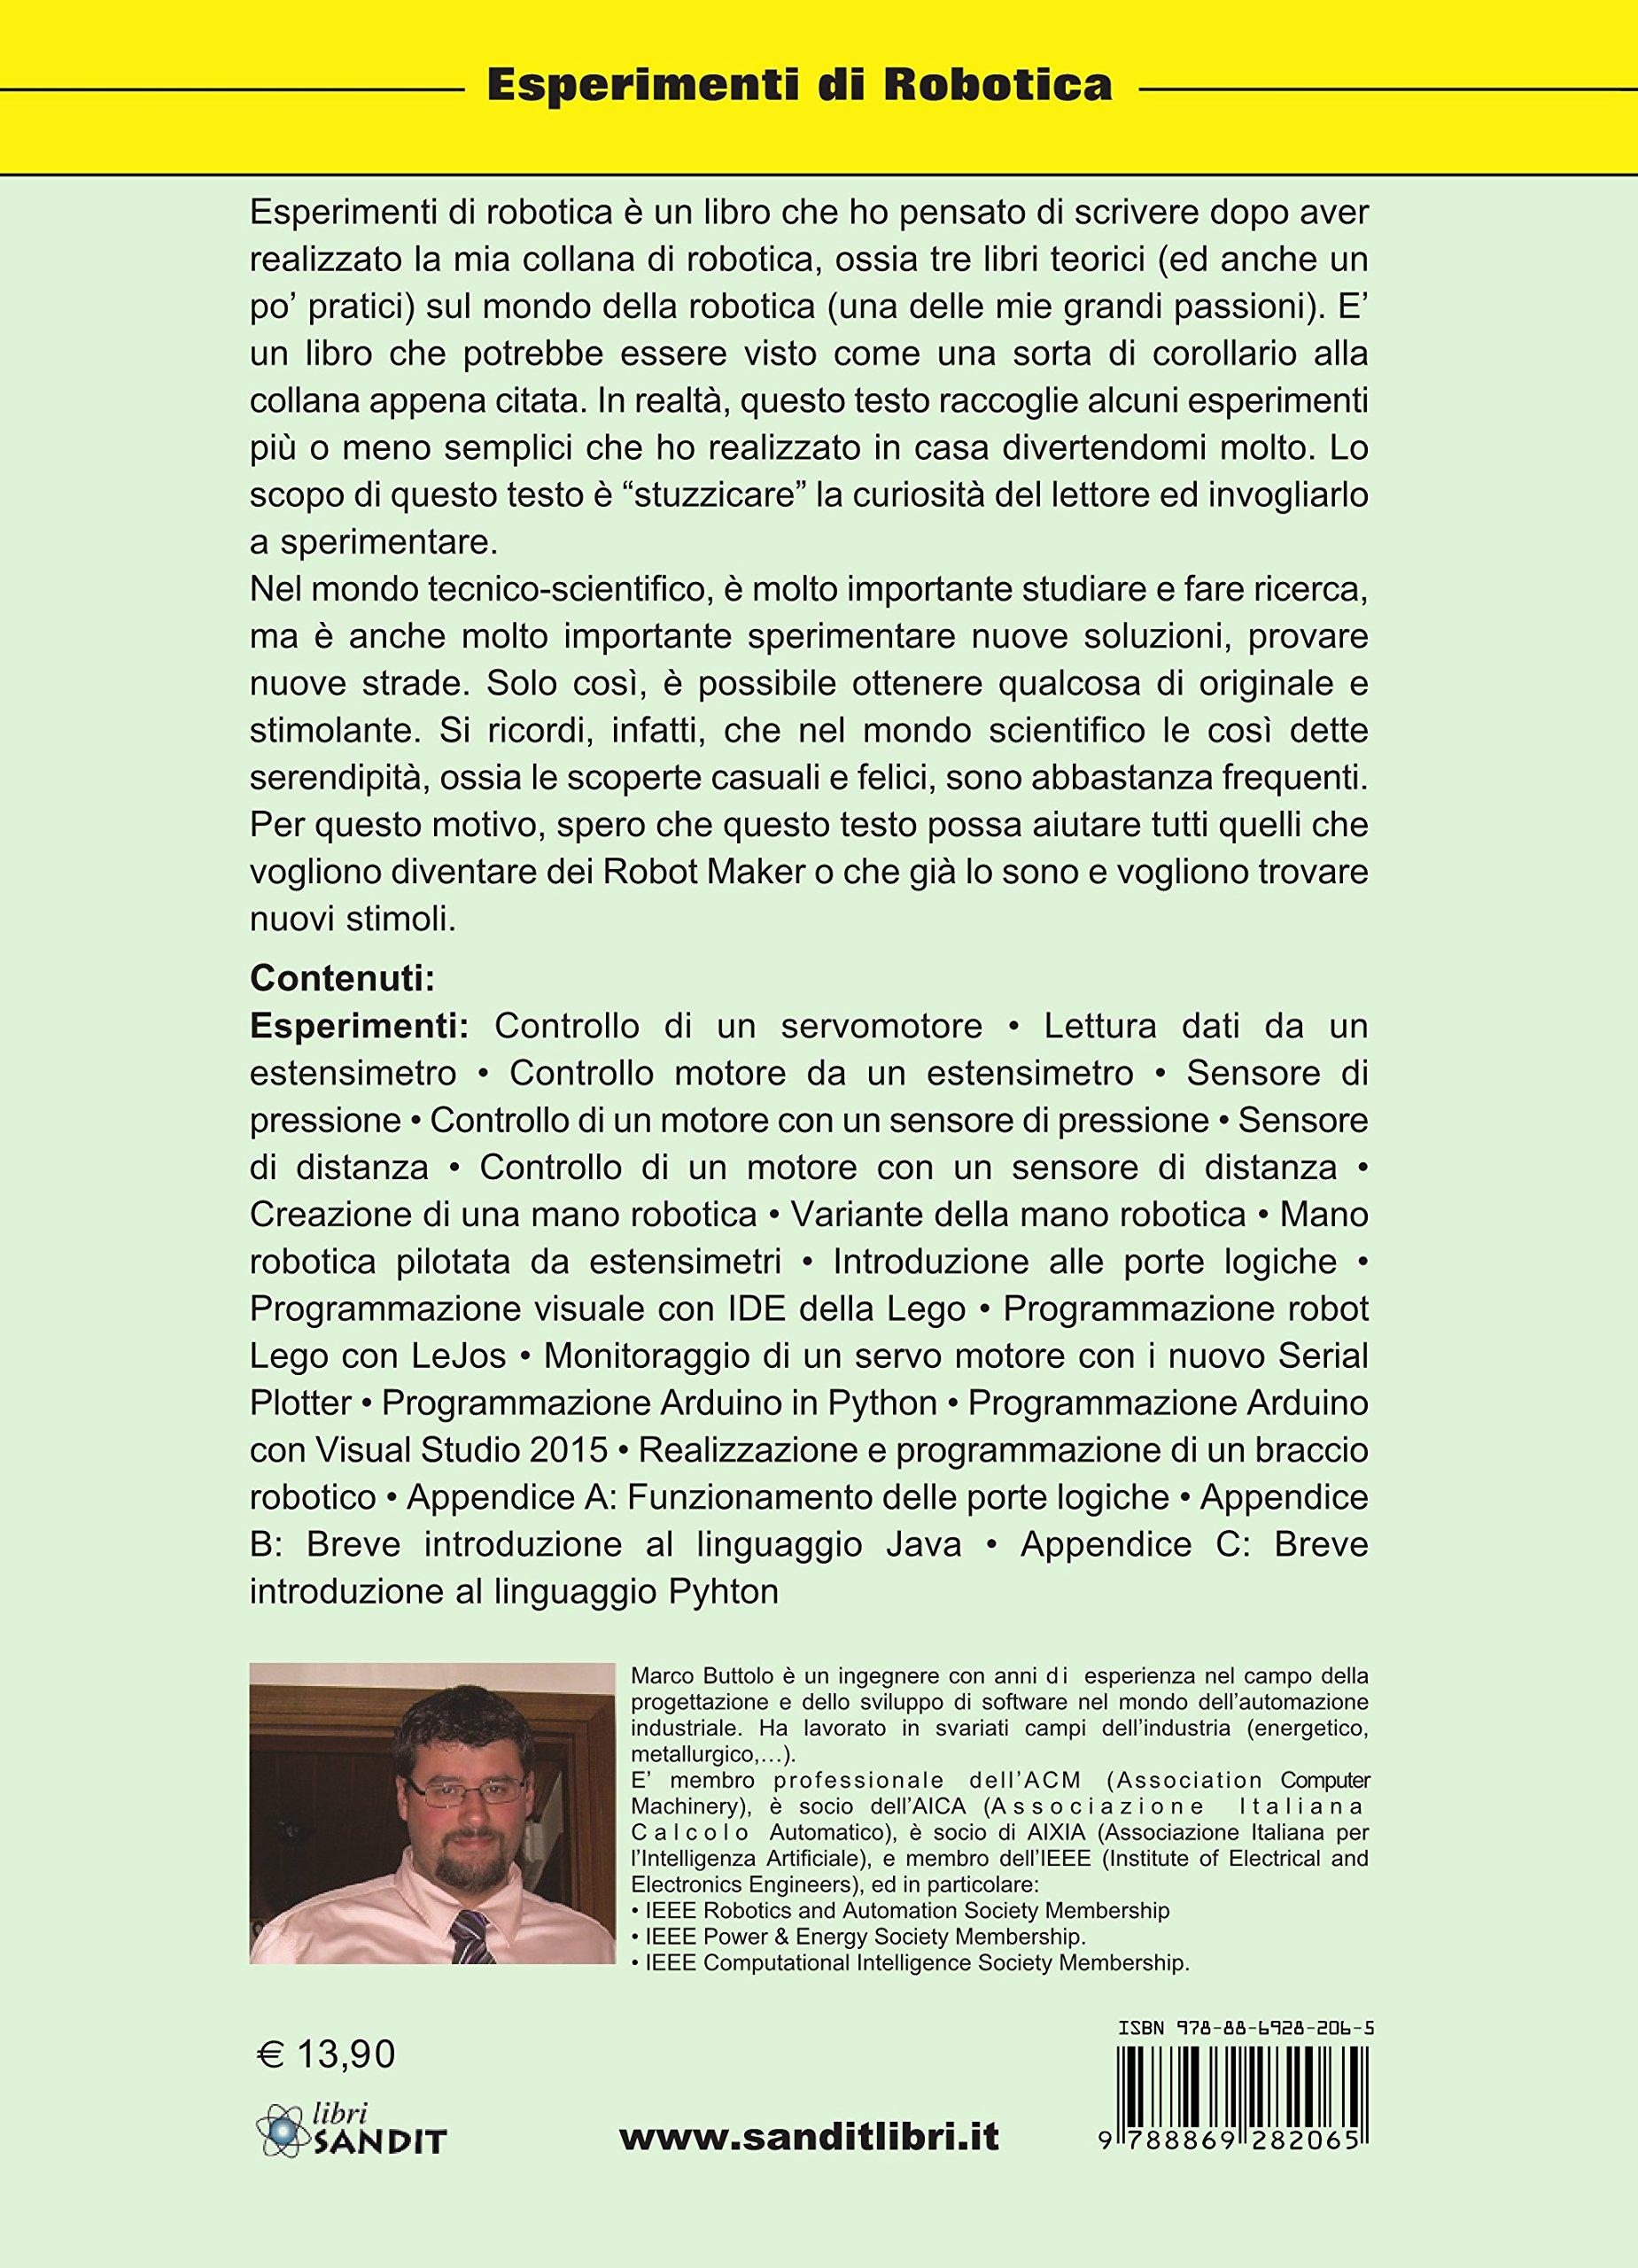 Esperimenti di robotica (Elettronica): Amazon.es: Buttolo, Marco ...